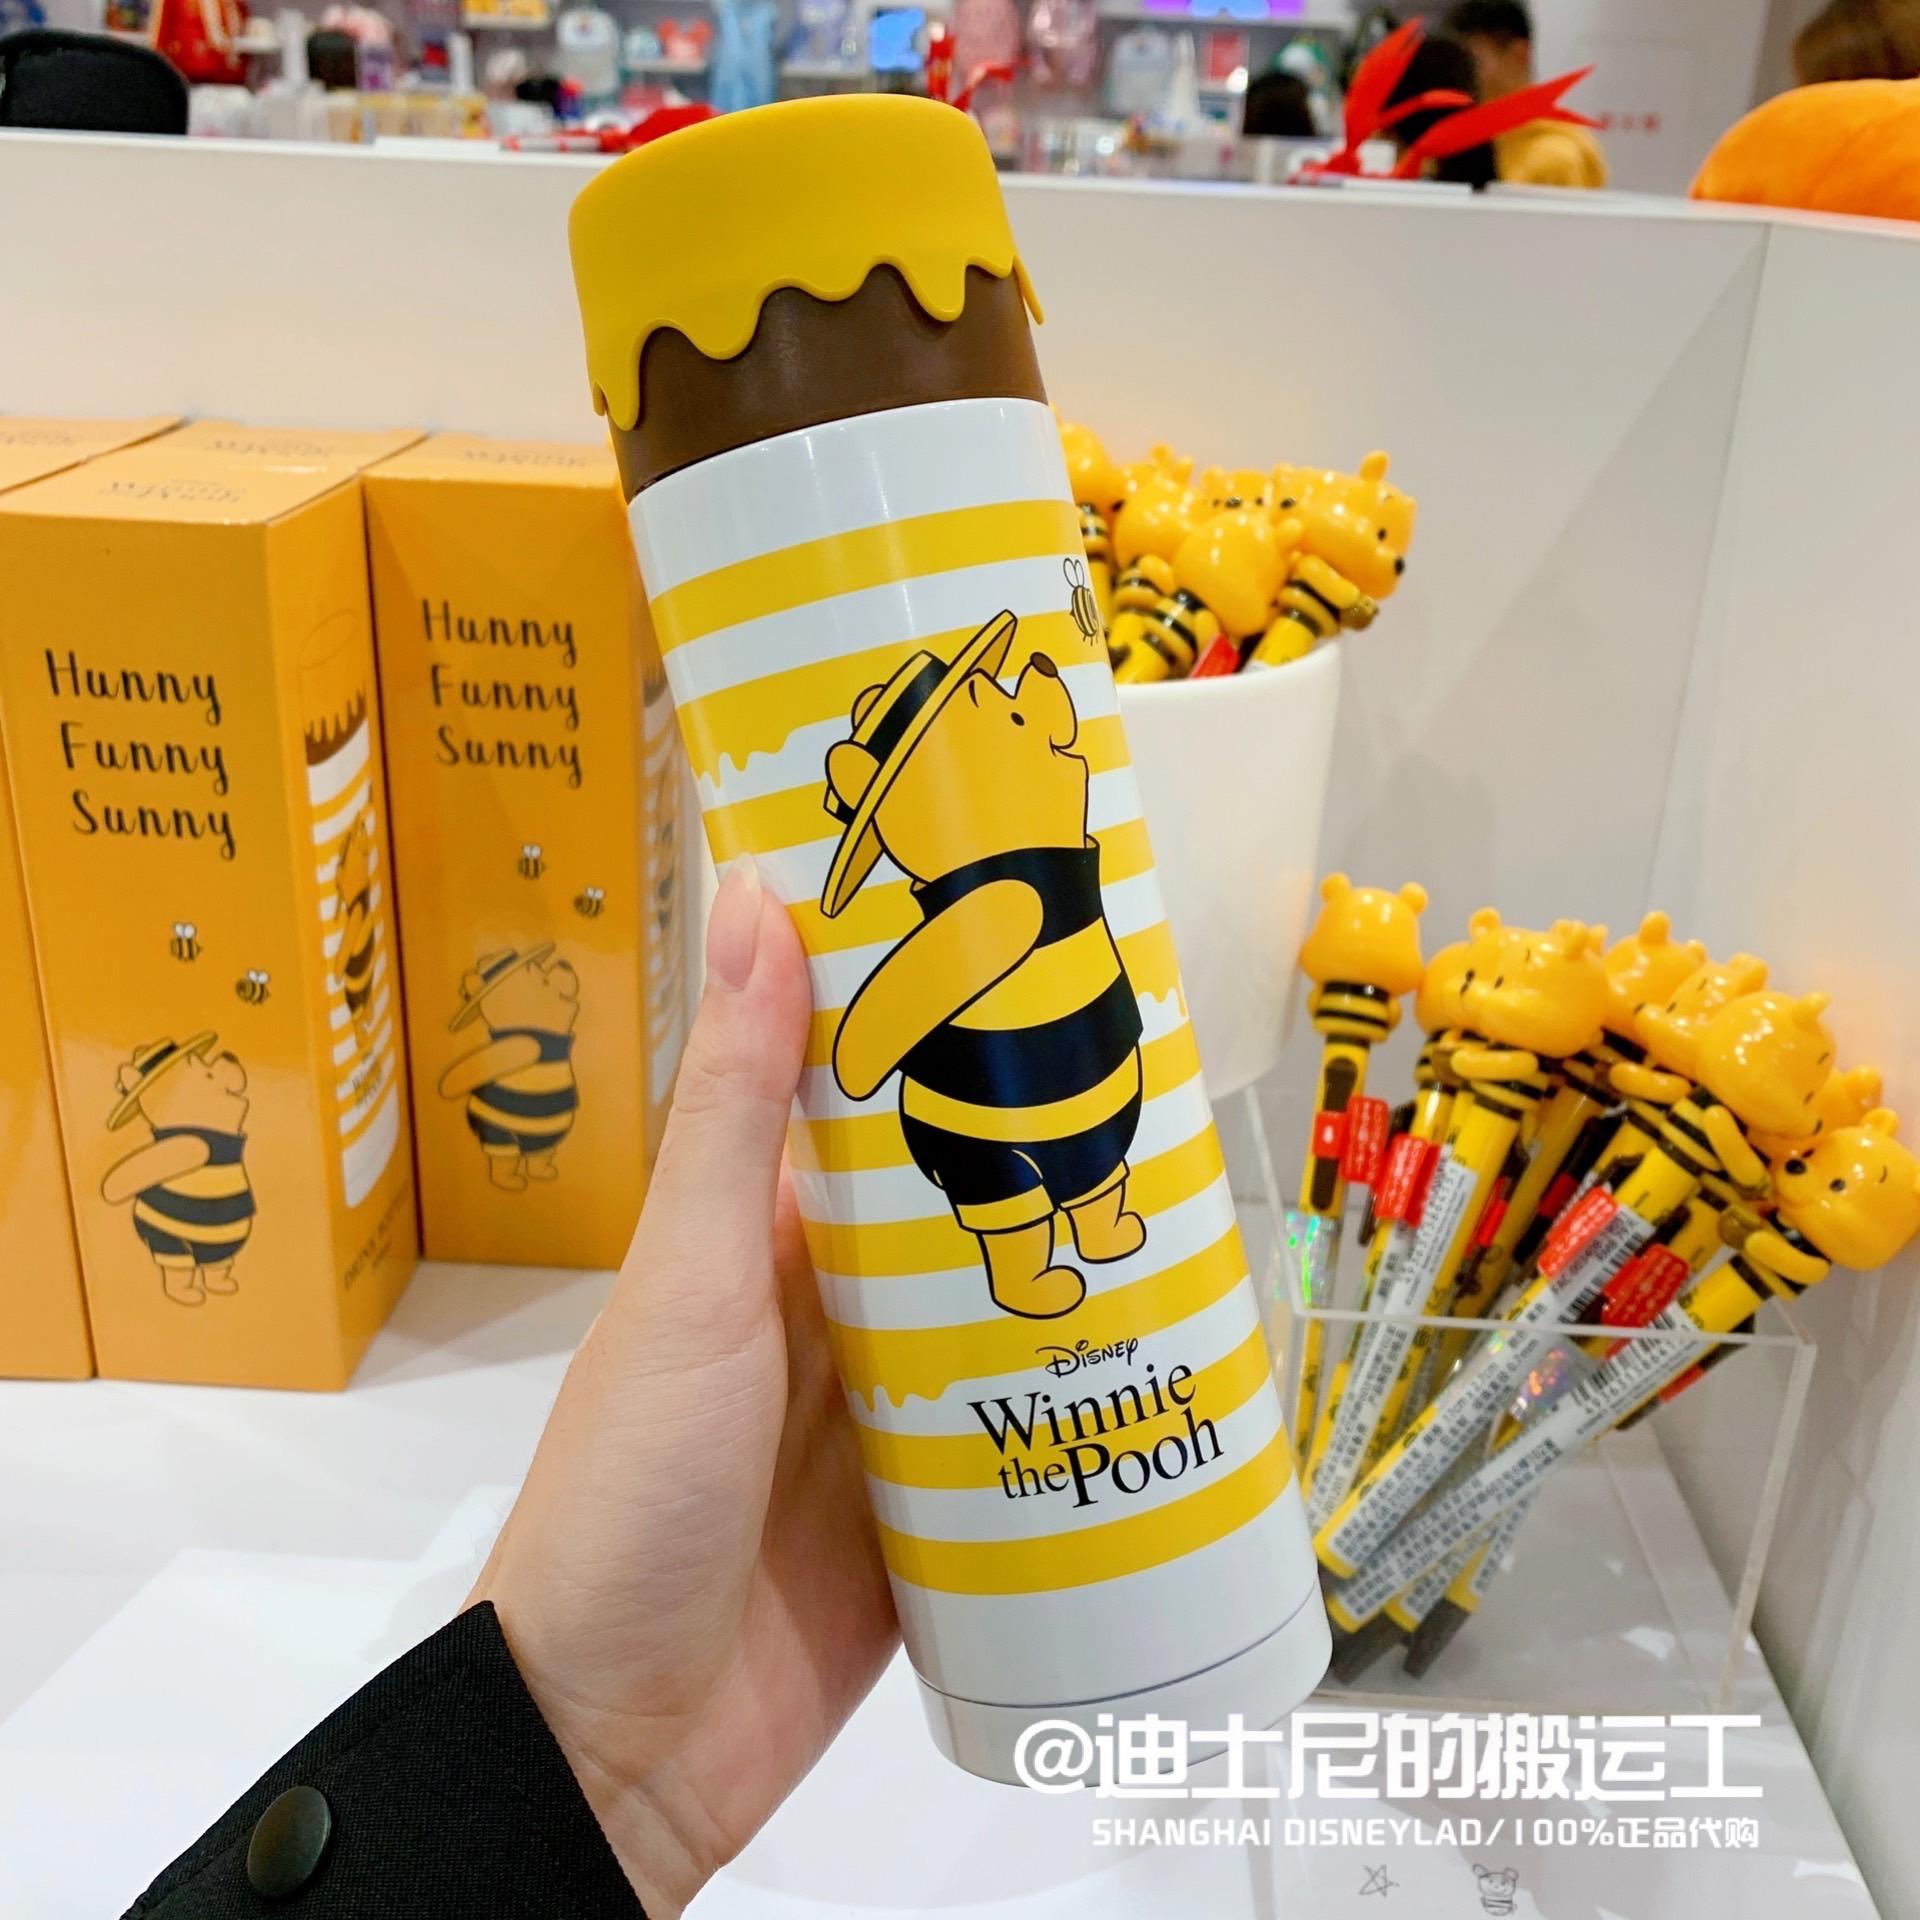 上海迪士尼国内代购小熊维尼蜜蜂卡通保温杯水杯圆珠笔创意礼物